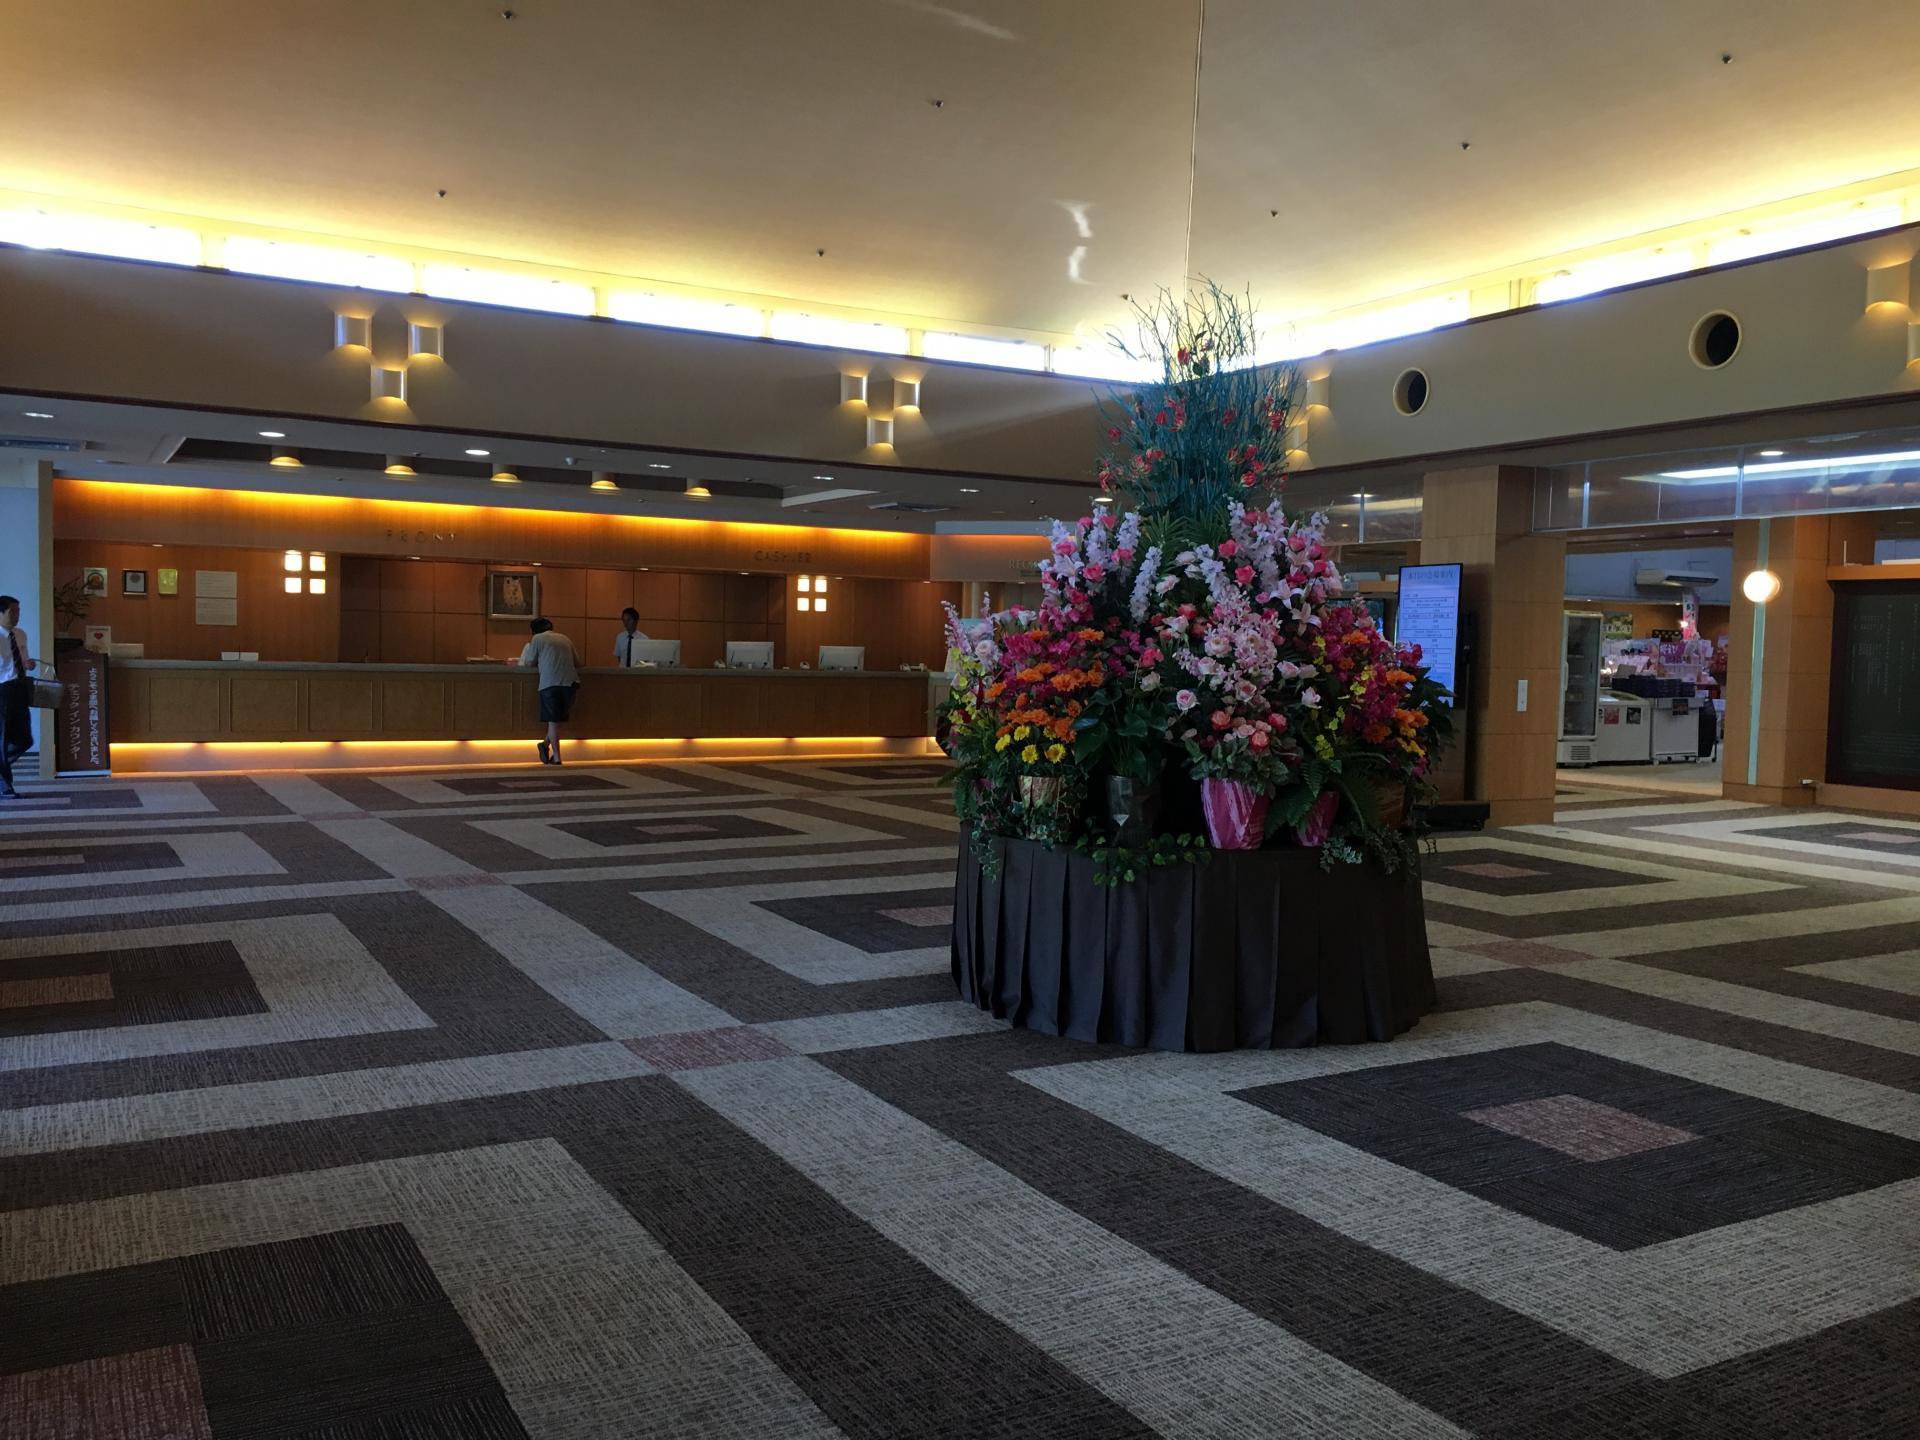 用鲜花装饰的巨大花坛